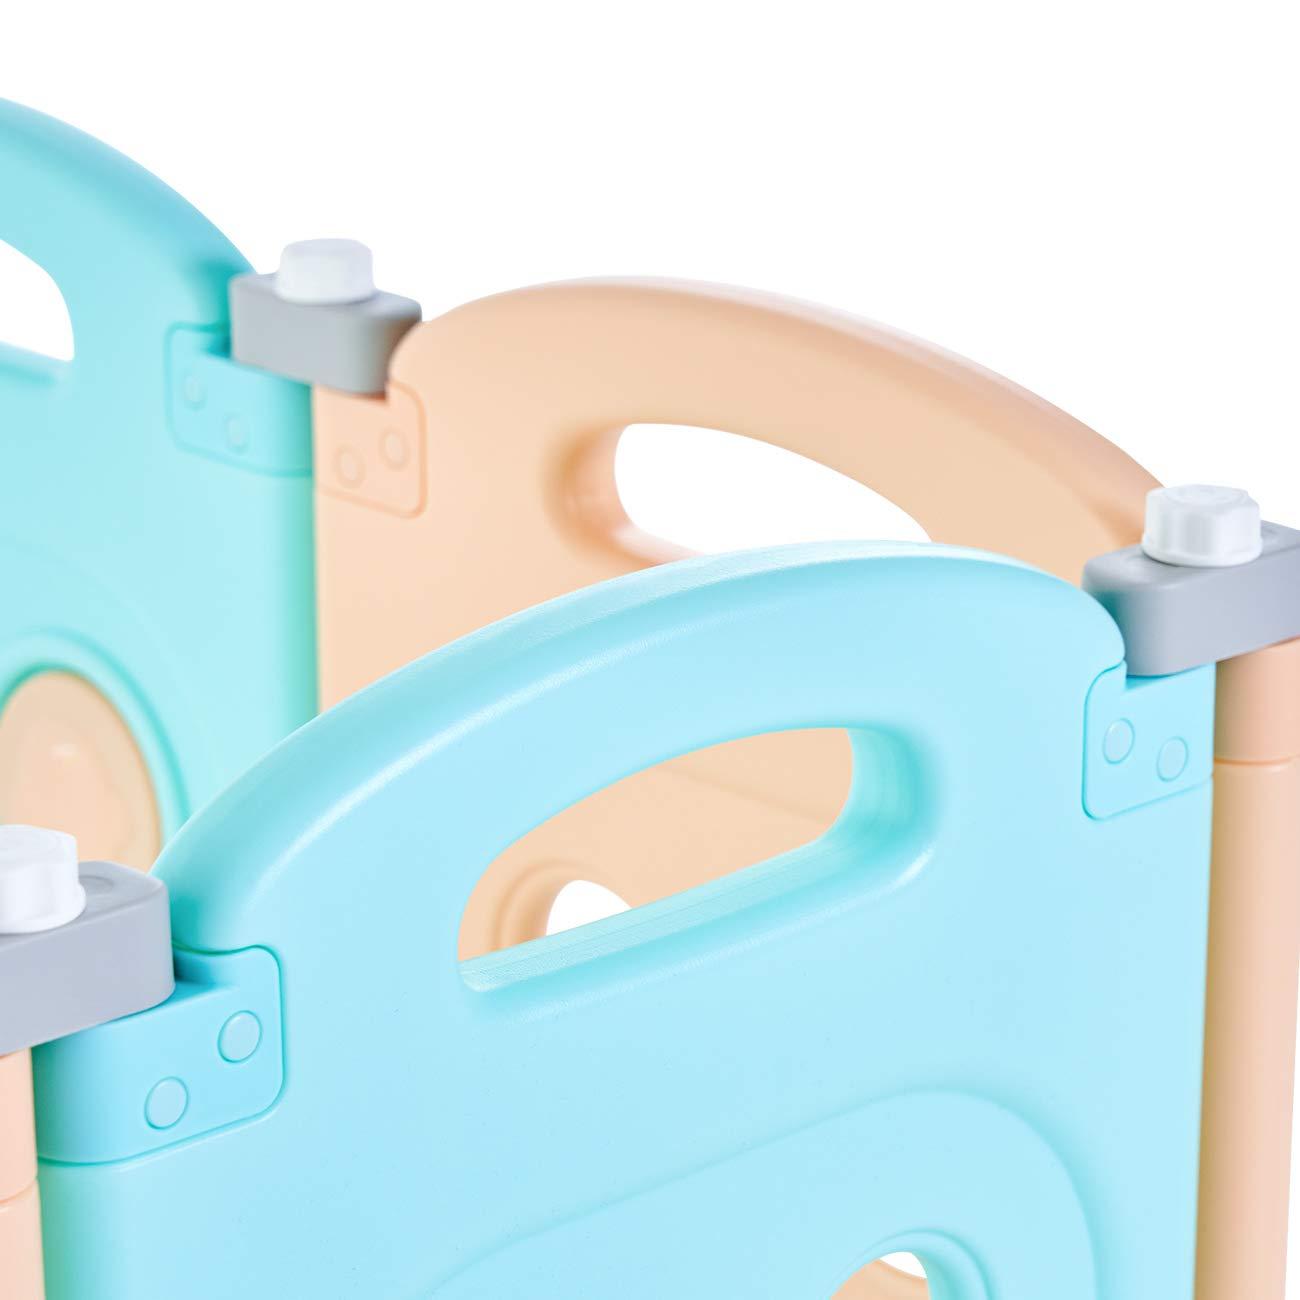 Baby Vivo Laufgitter Laufstall Zusatzpaket Faltbar Baby Absperrgitter Krabbelgitter Schutzgitter f/ür Kinder aus Kunststoff mit T/ür und Spielzeug Kory 4 Elemente